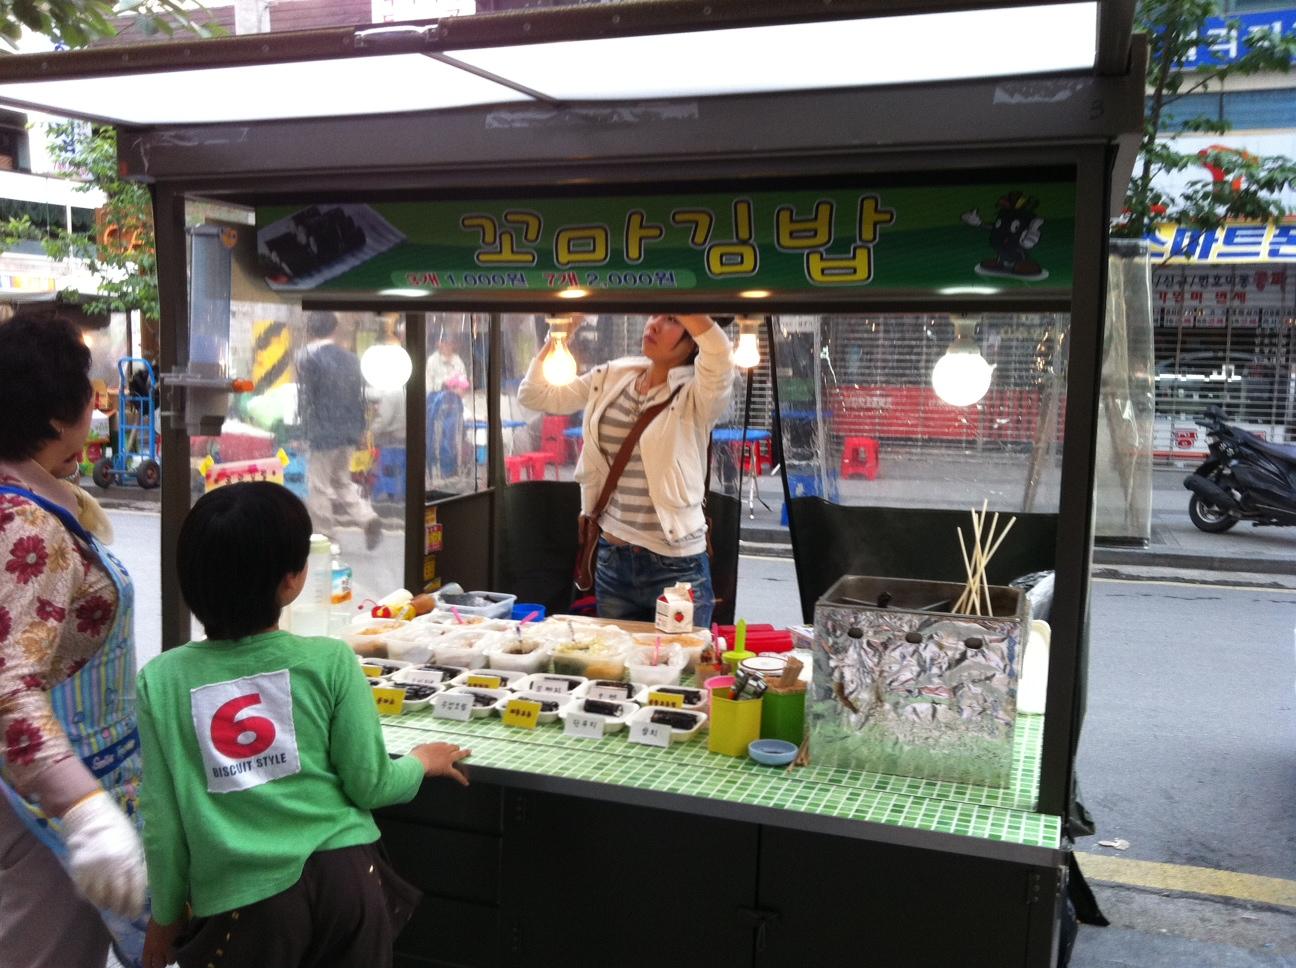 Korean Streetfood Carts